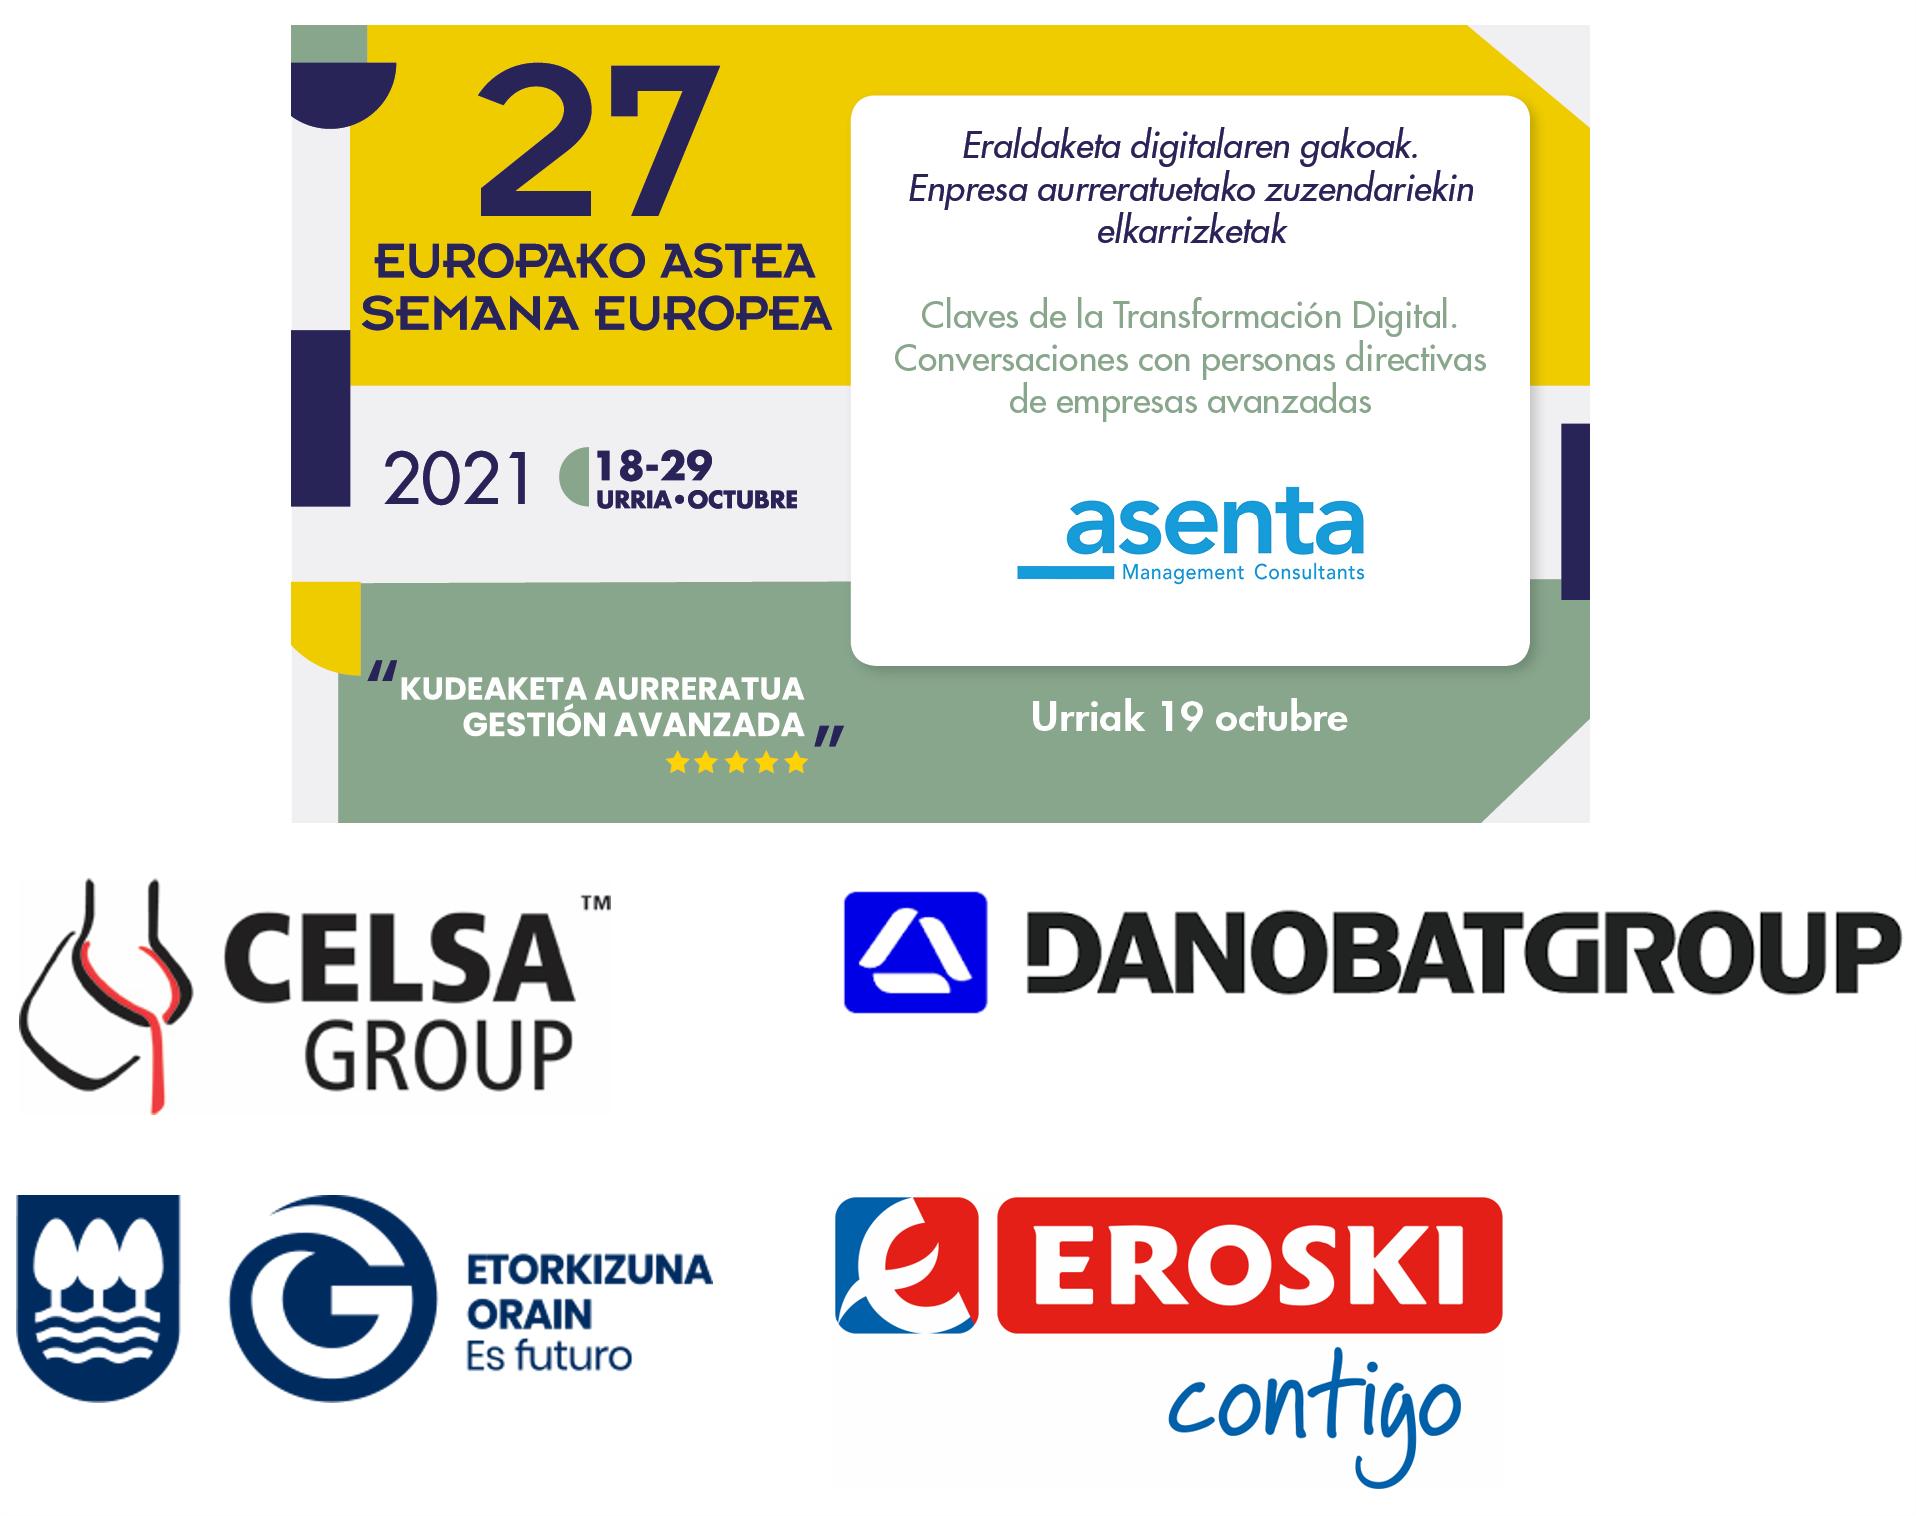 Semana Europea Gestion Avanzada-ASENTA y Celsa Group-Danobat-Diputacion Foral Gipuzkoa-Eroski